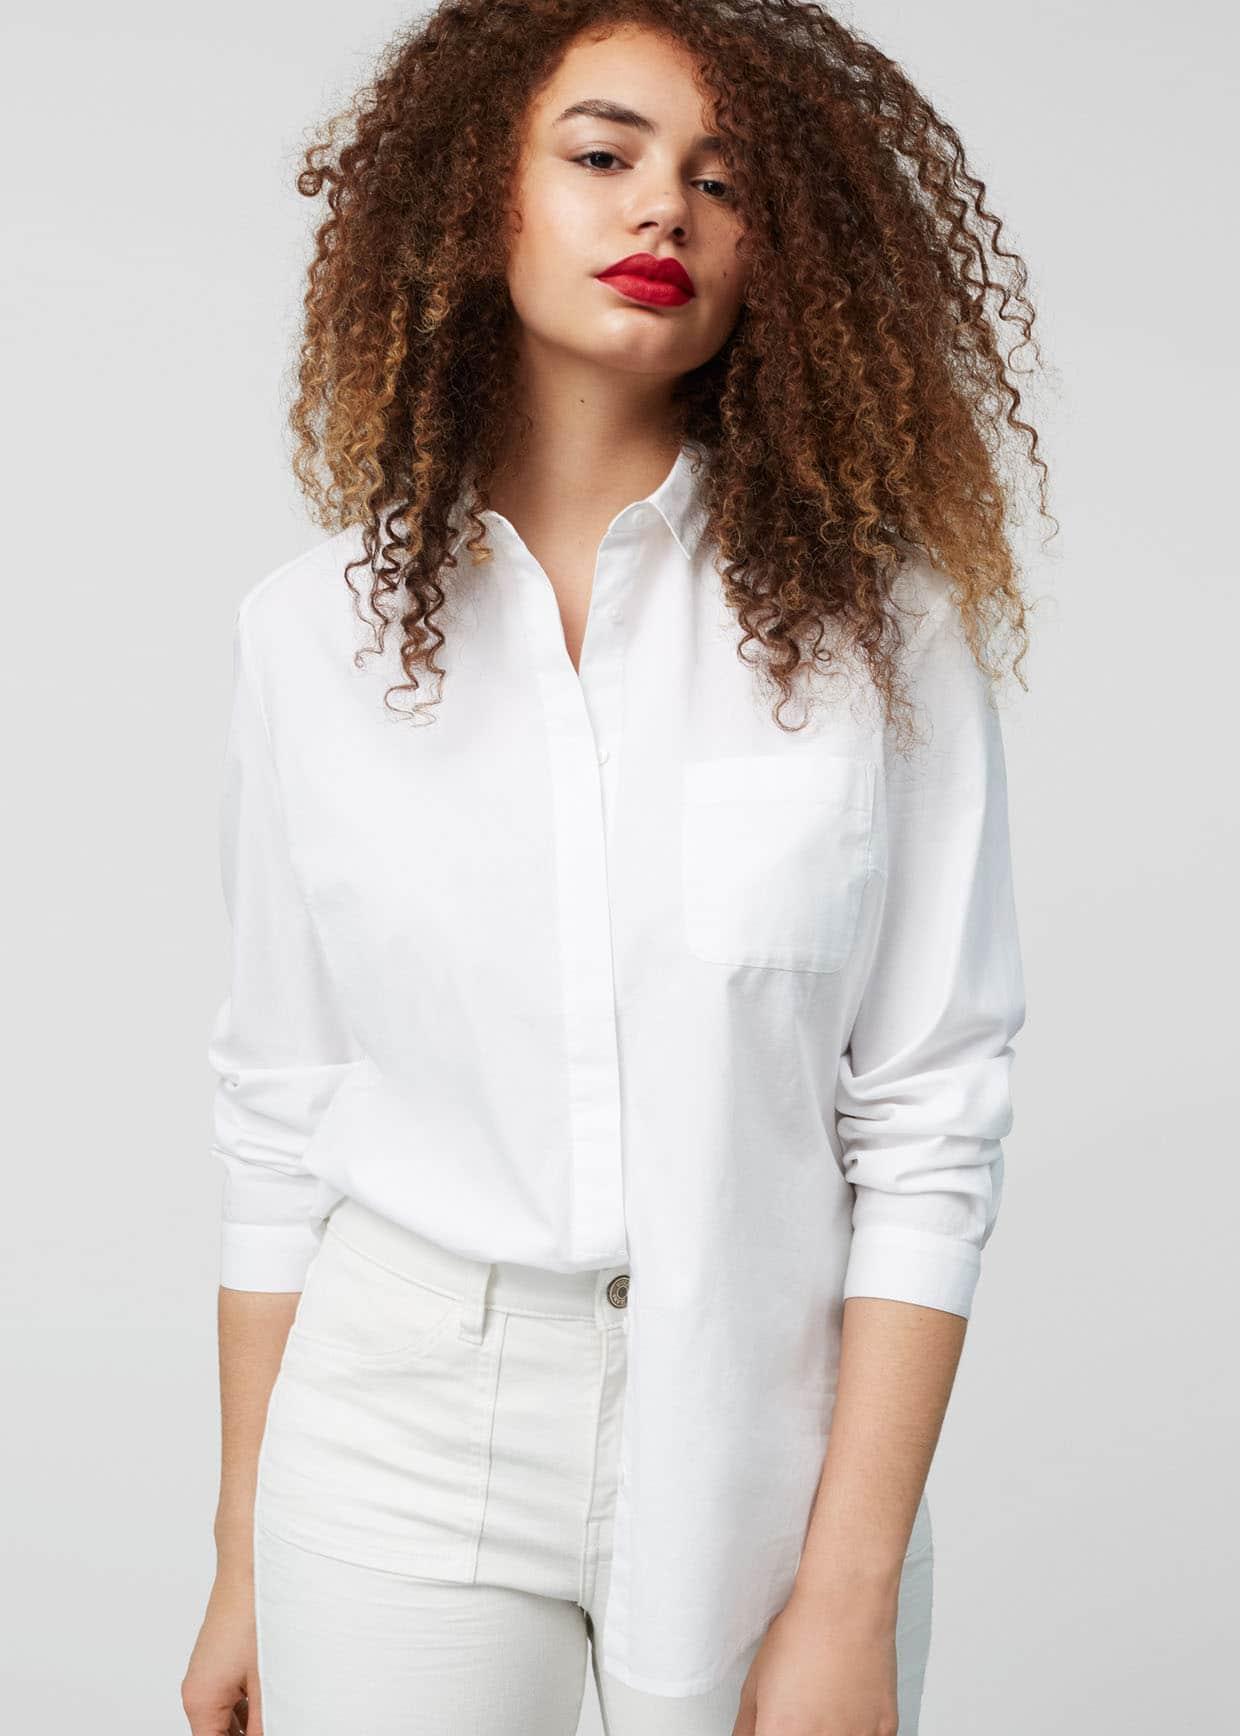 Прозрачная Блузка Купить